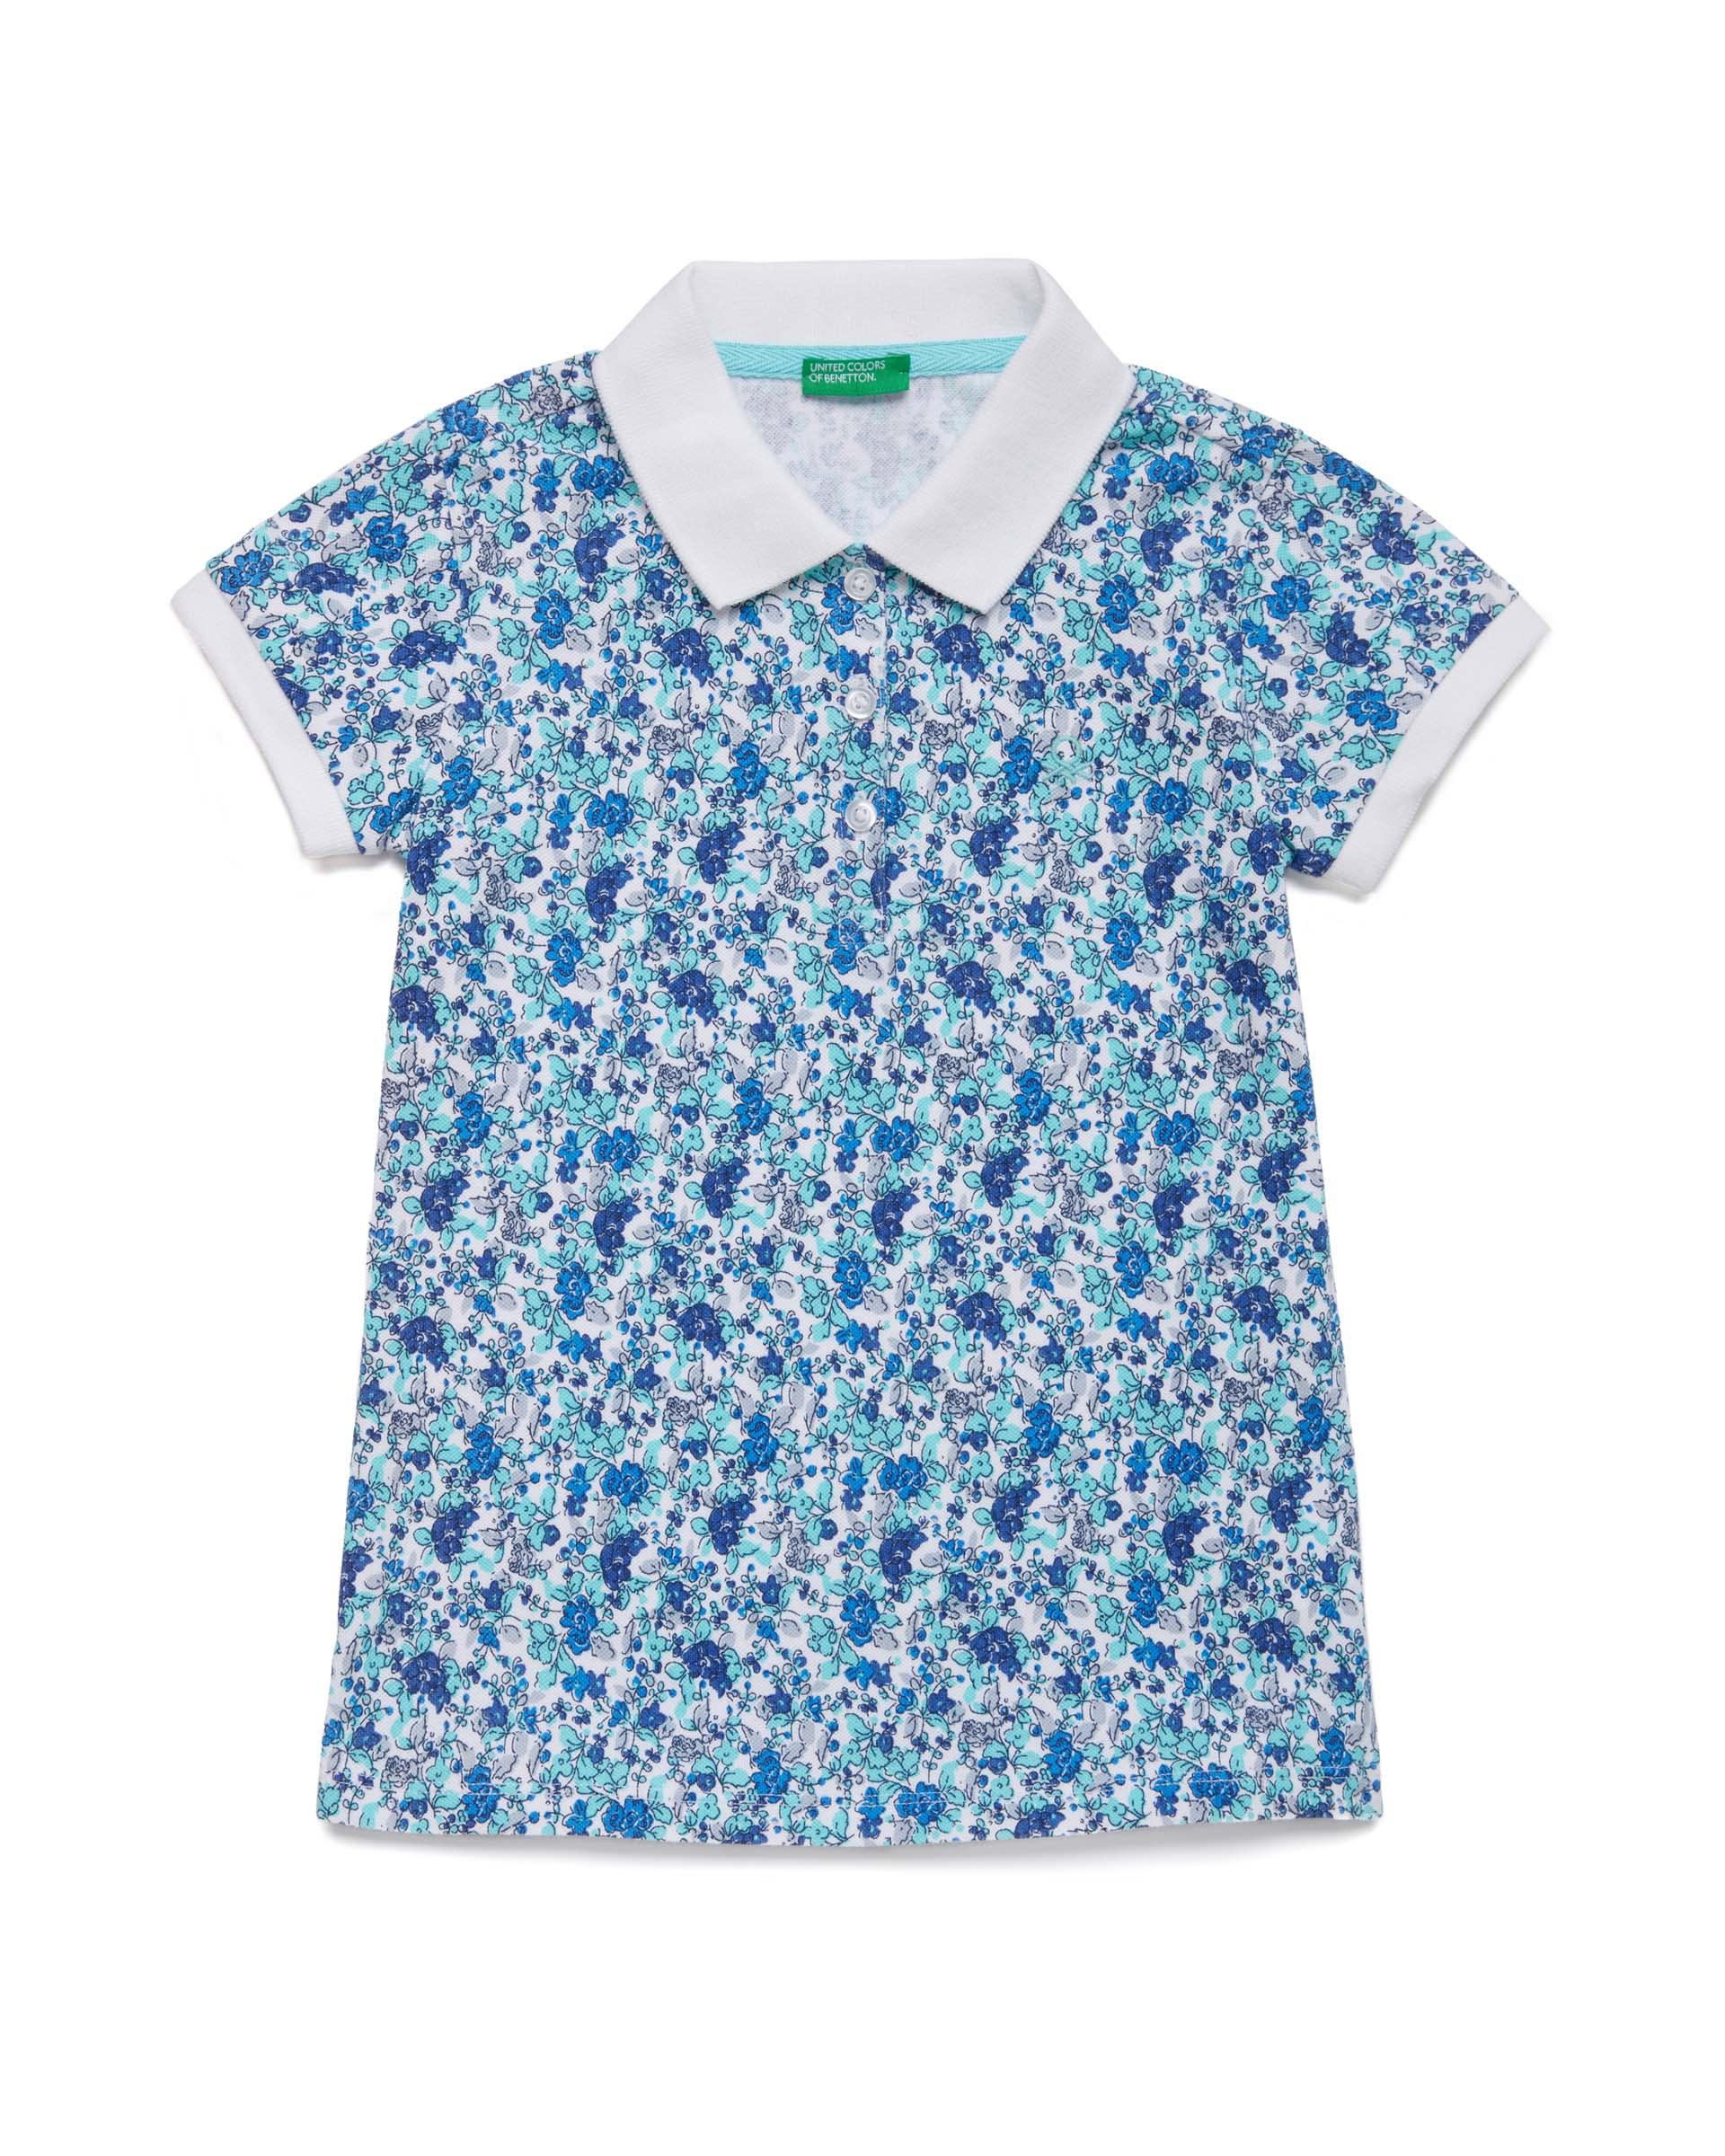 Купить 20P_3PK6C3126_69L, Поло-пике для девочек Benetton 3PK6C3126_69L р-р 80, United Colors of Benetton, Кофточки, футболки для новорожденных